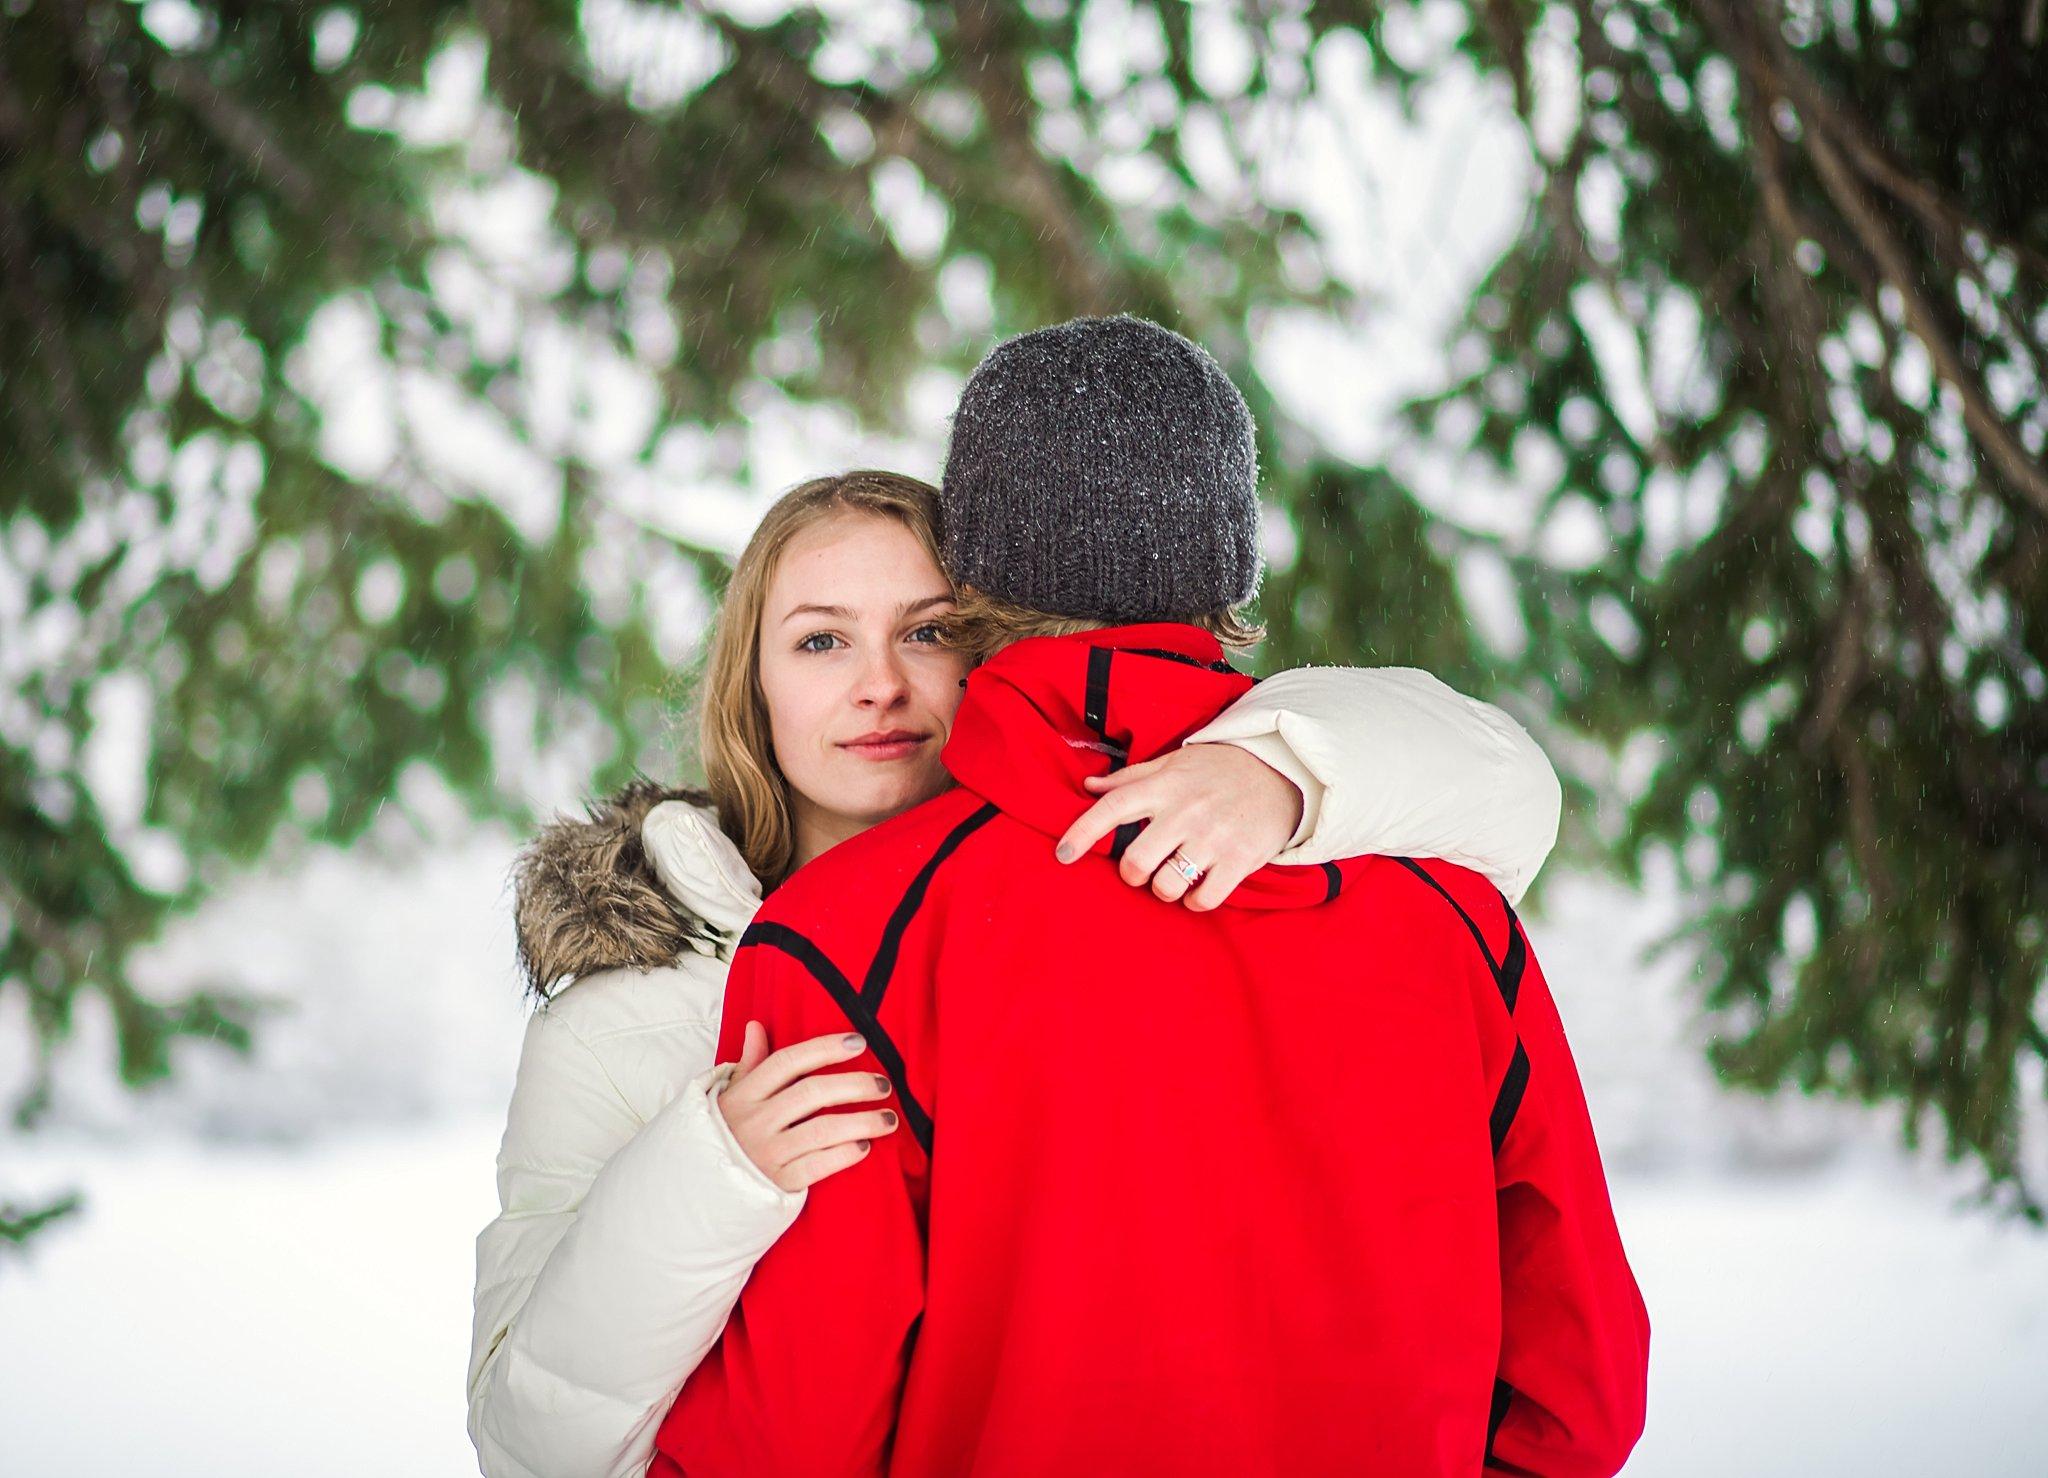 Salt Lake City,couple,engagement,friends,love,snow,winter,